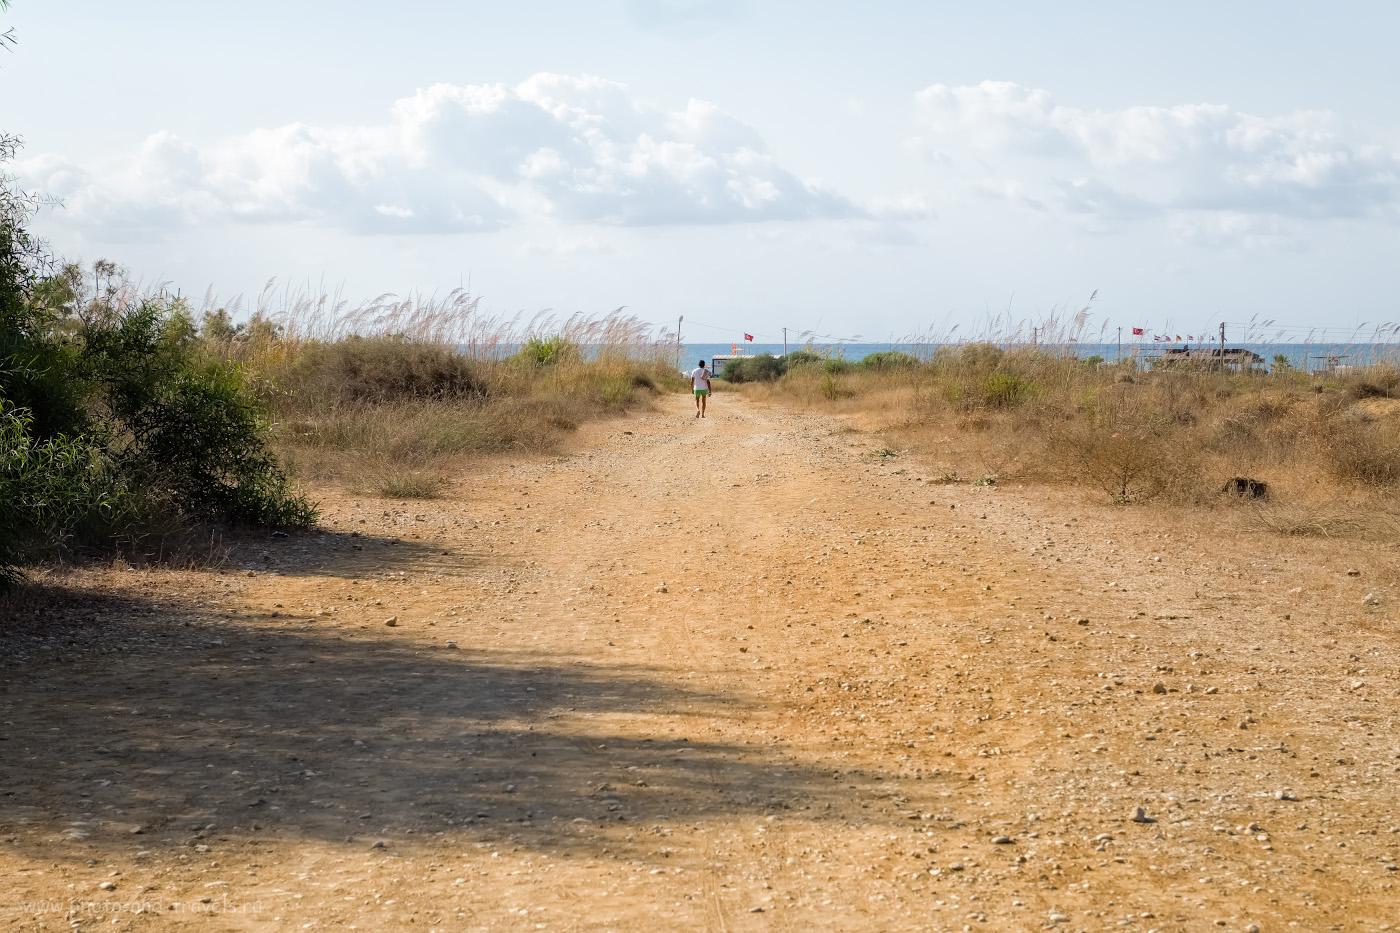 Фотография 10. Так выглядит дорога на Восточный пляж Сиде от отеля Irem Garden Apartments. 1/400, 8.0, 200, +0.67, 55.